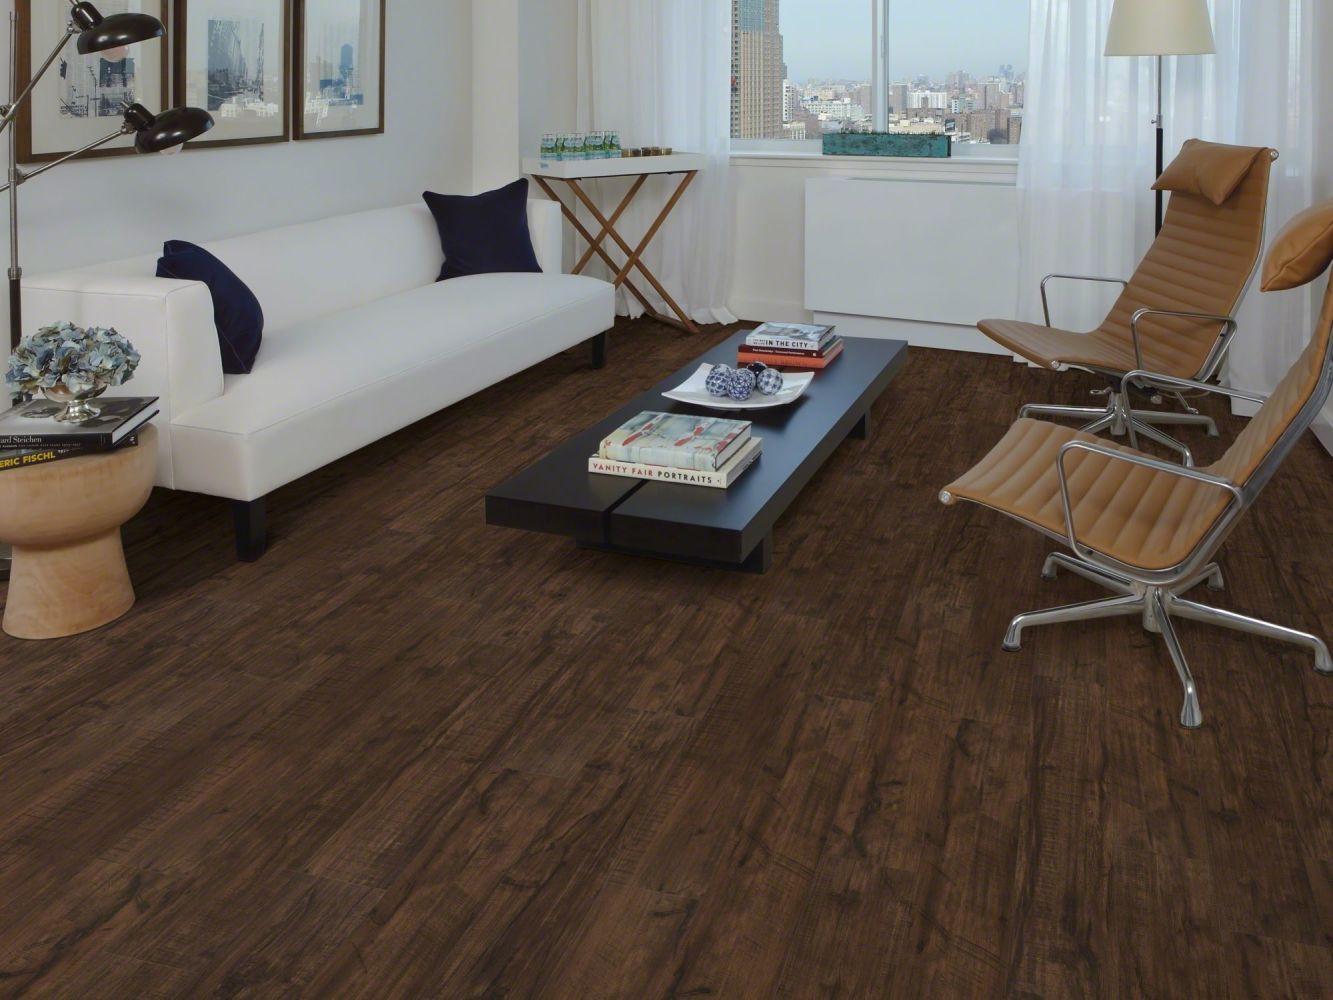 Philadelphia Commercial Resilient Residential Transcend Sycamore 00734_5529V